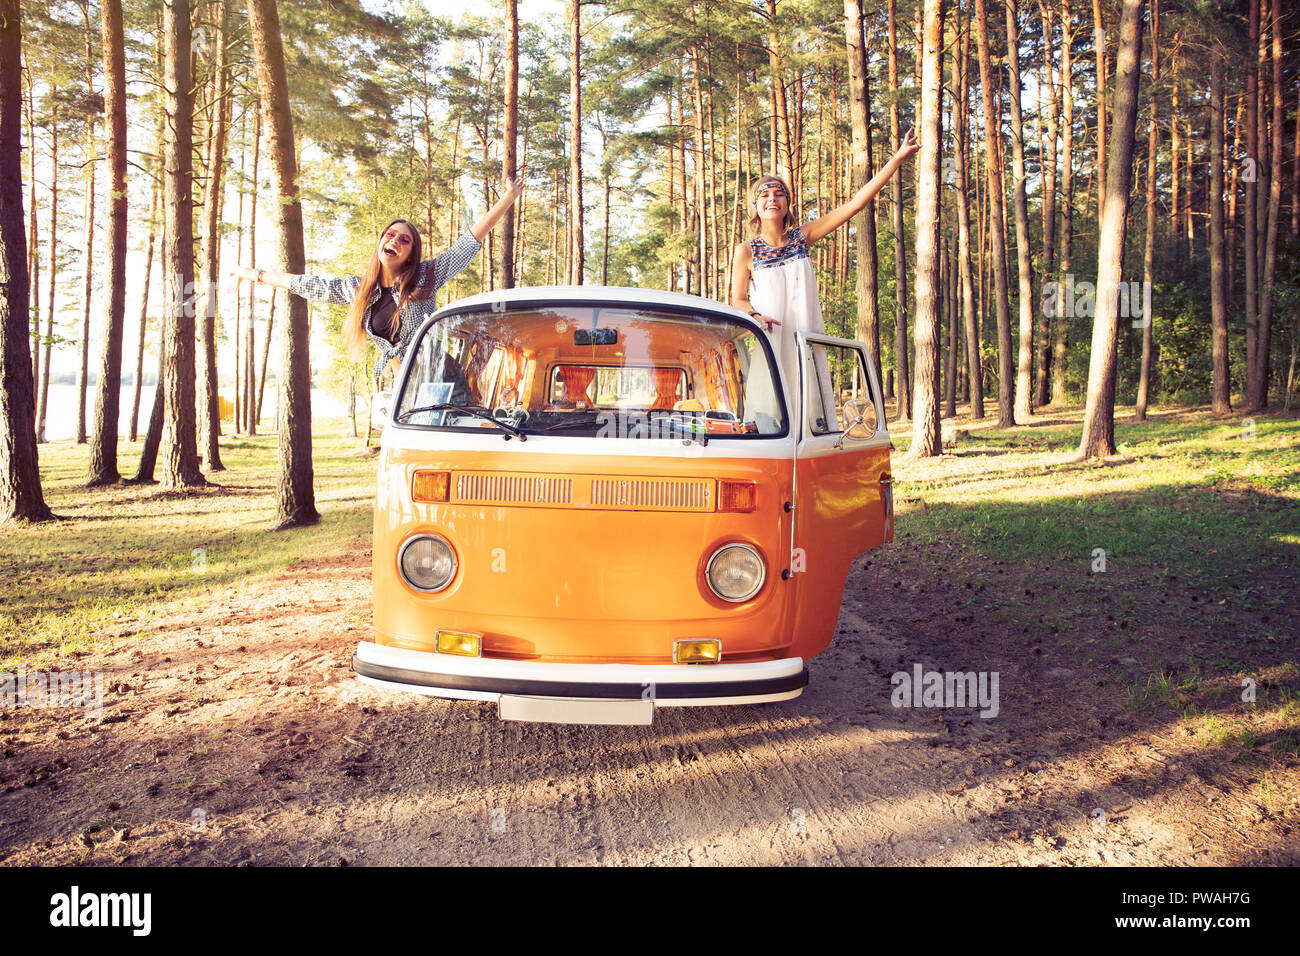 Hipster amigos de viaje por carretera en un día de verano Imagen De Stock